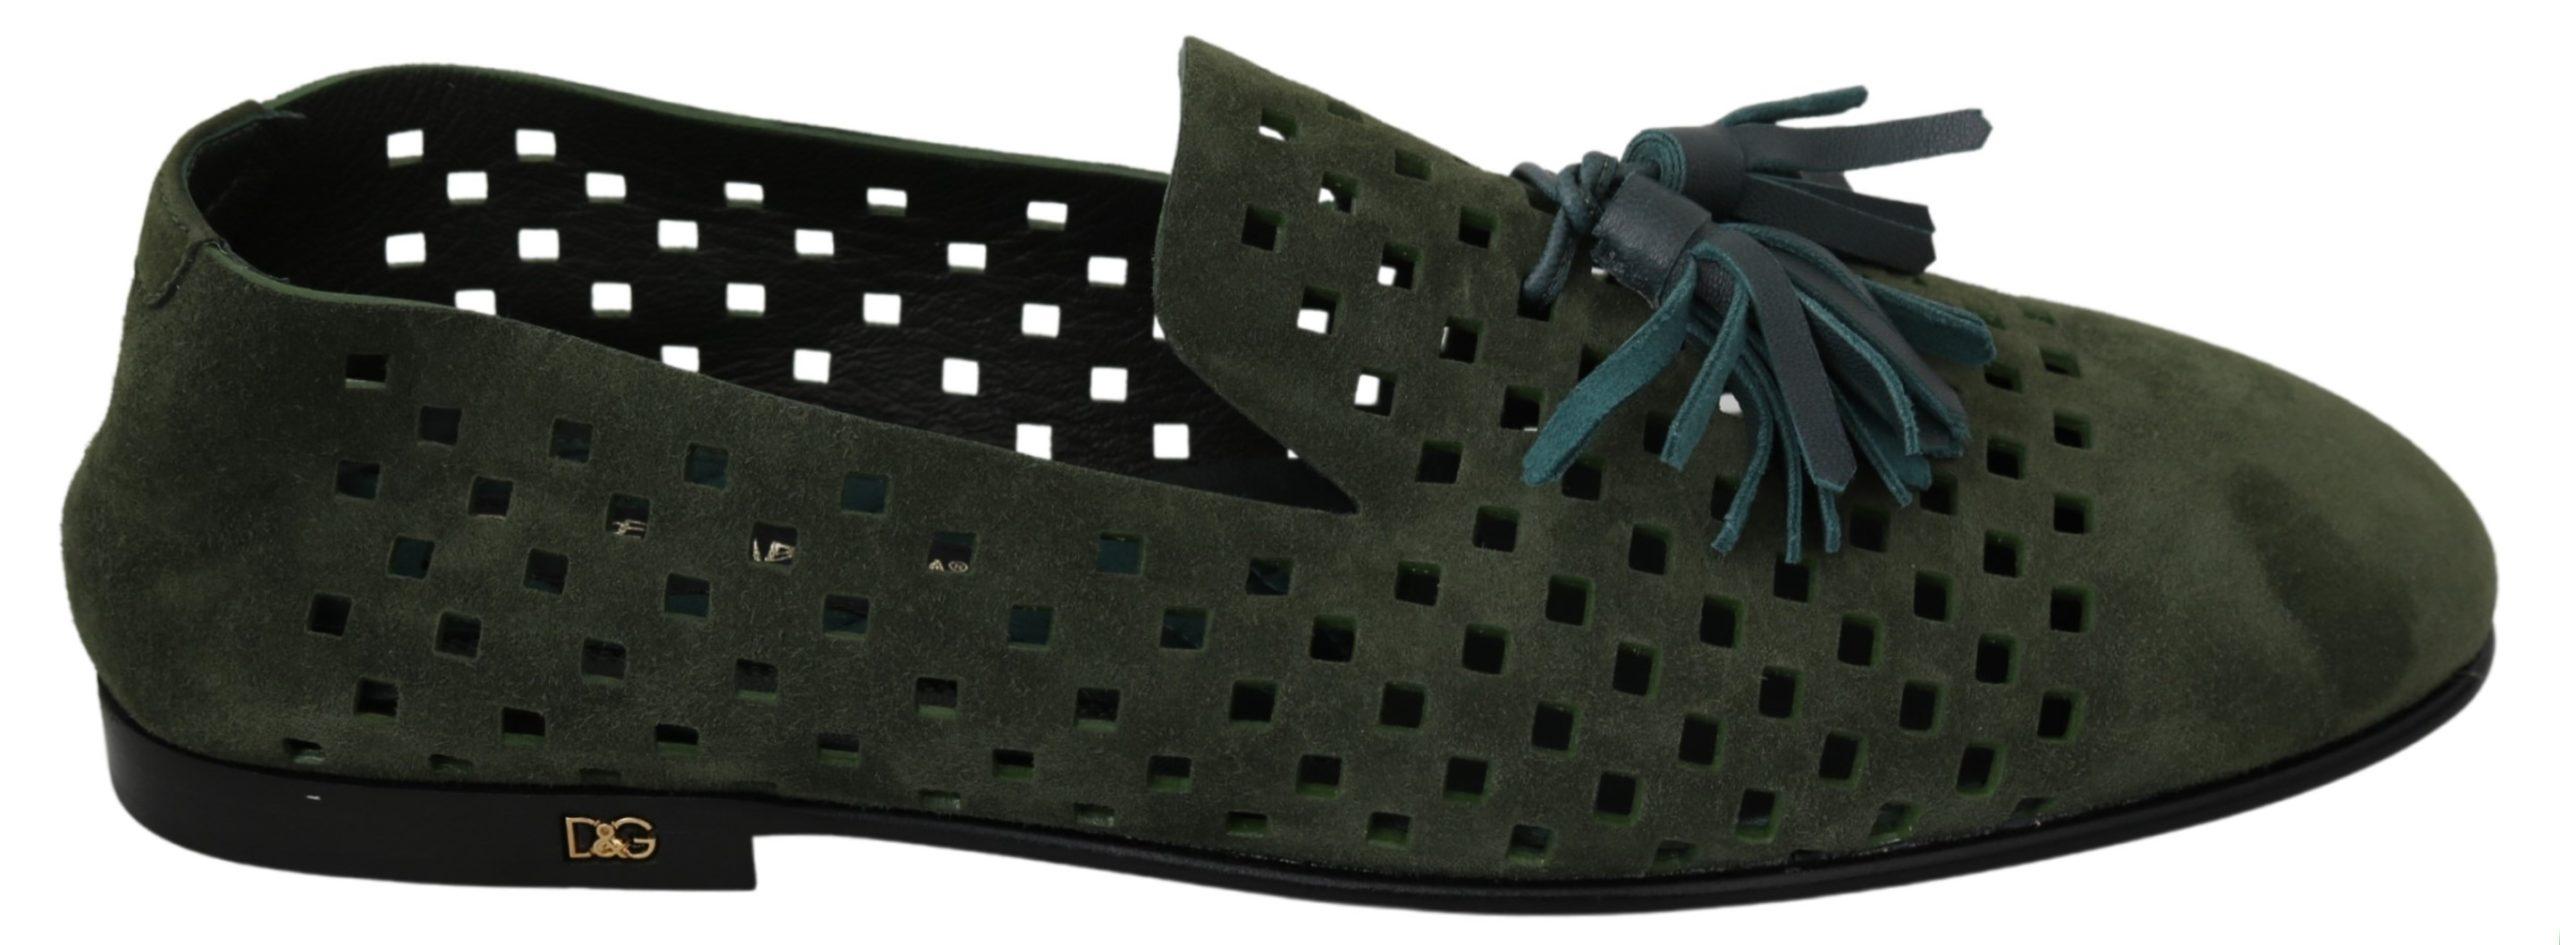 Dolce & Gabbana Men's Suede Breathable Loafer Green MV2854 - EU41/US8